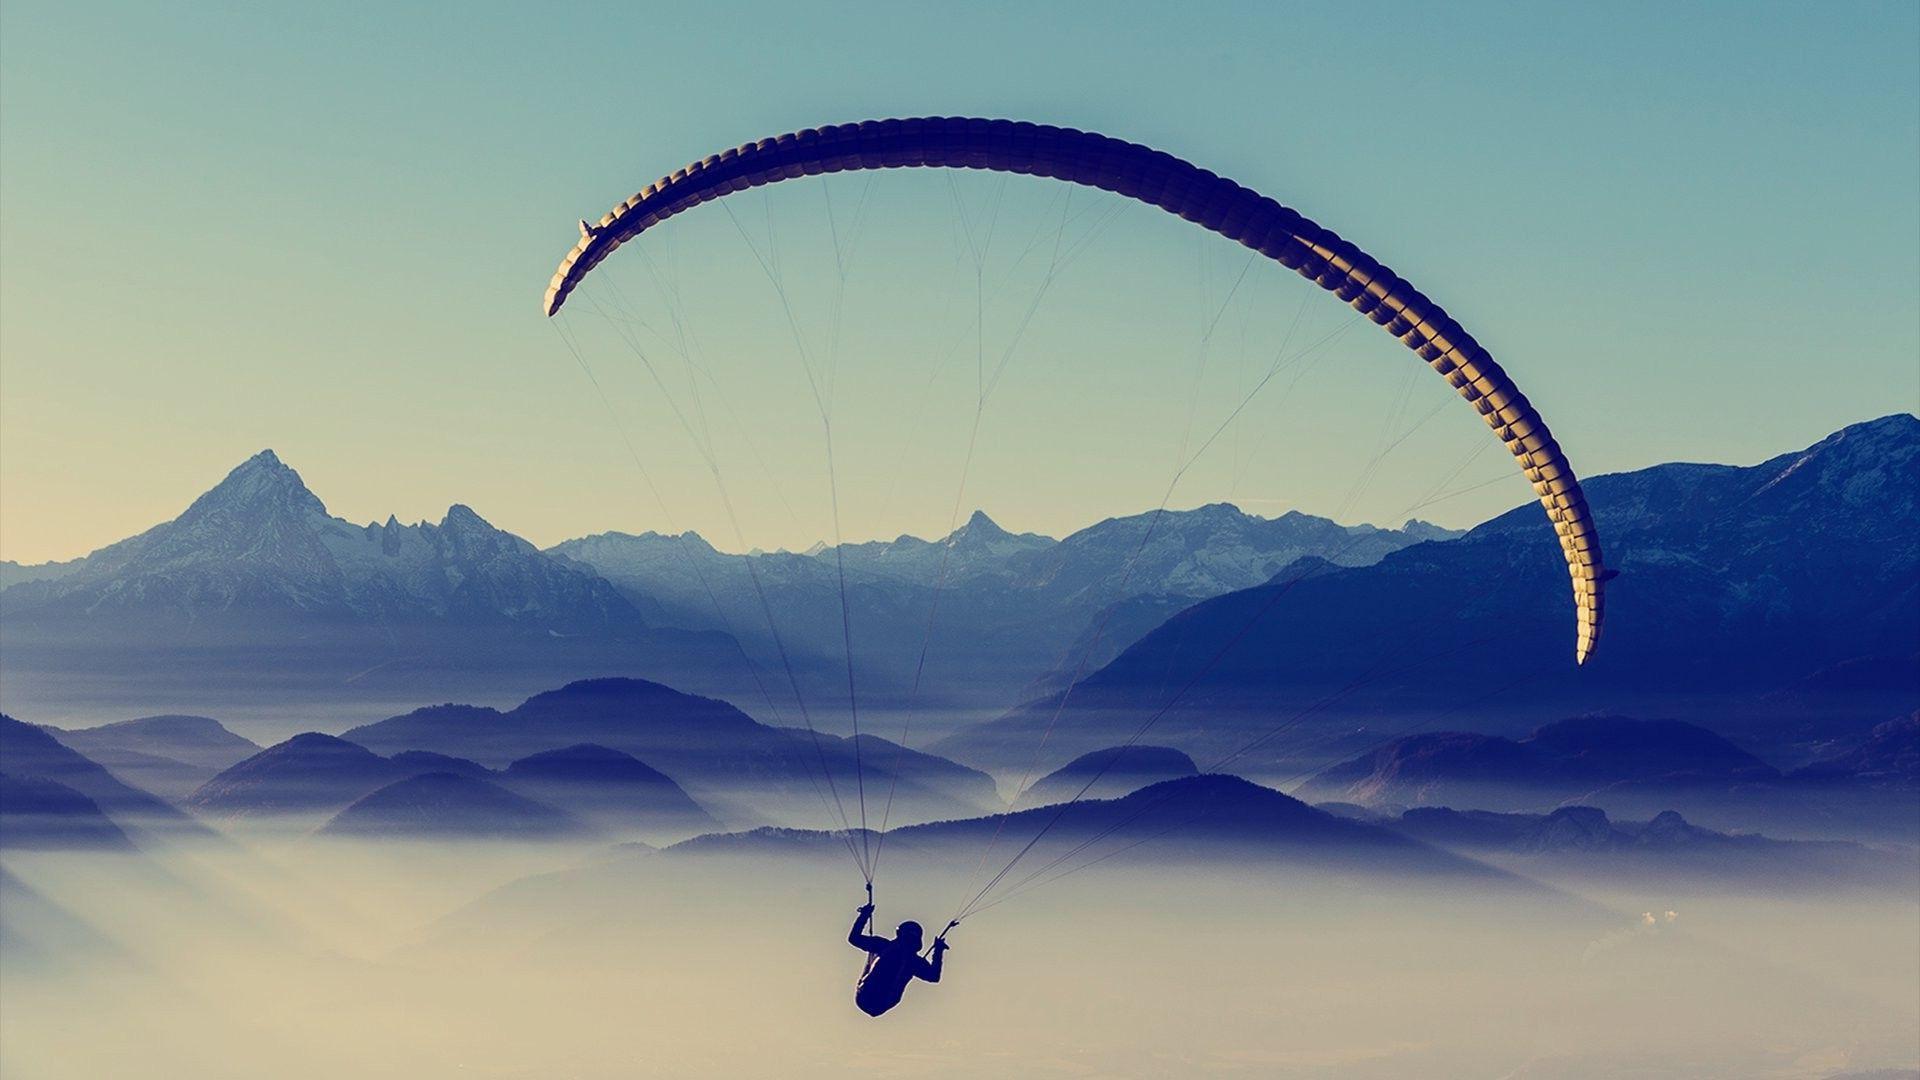 paragliding-ballast-system